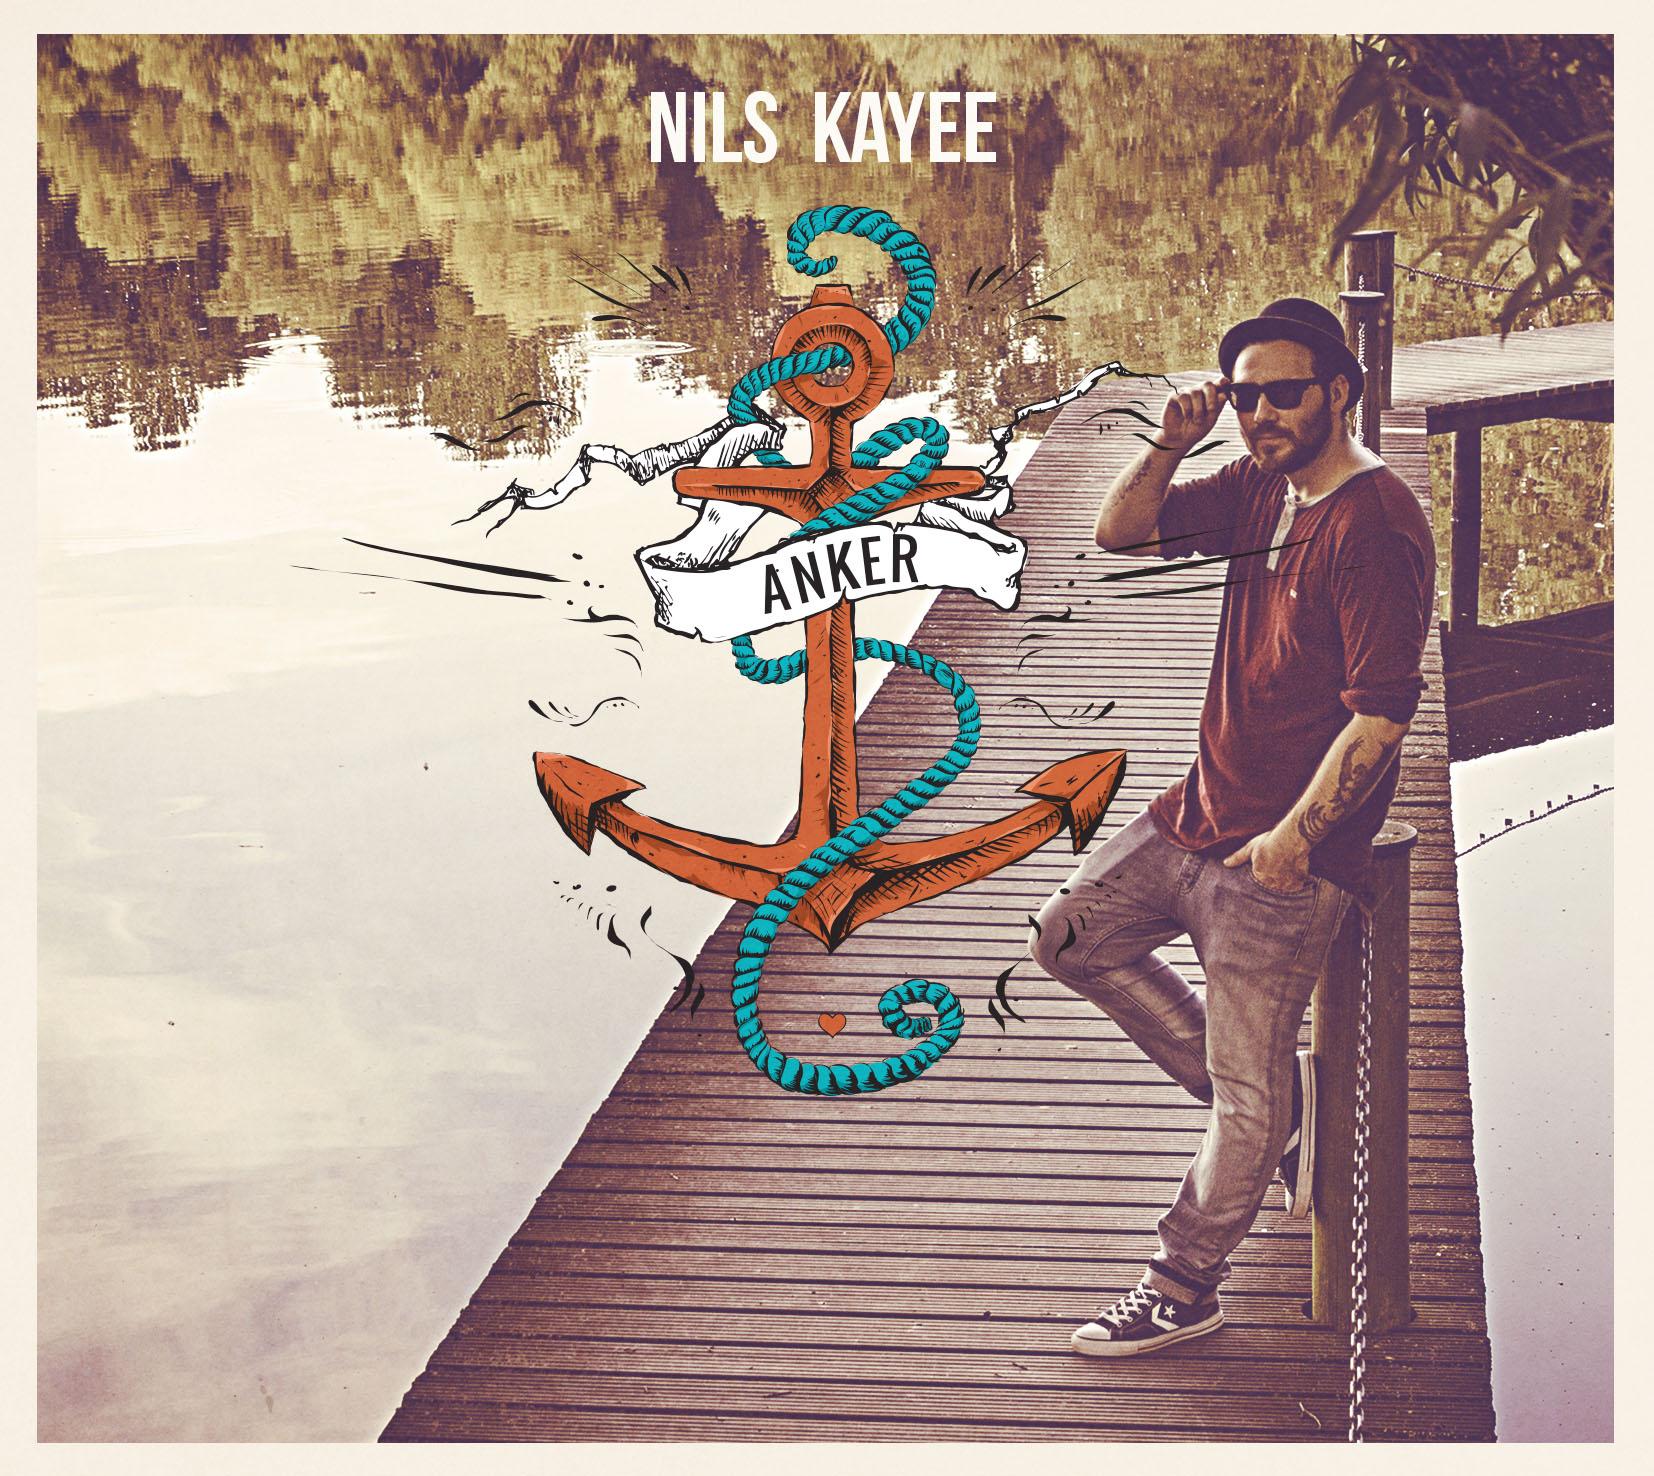 Nils Kayee